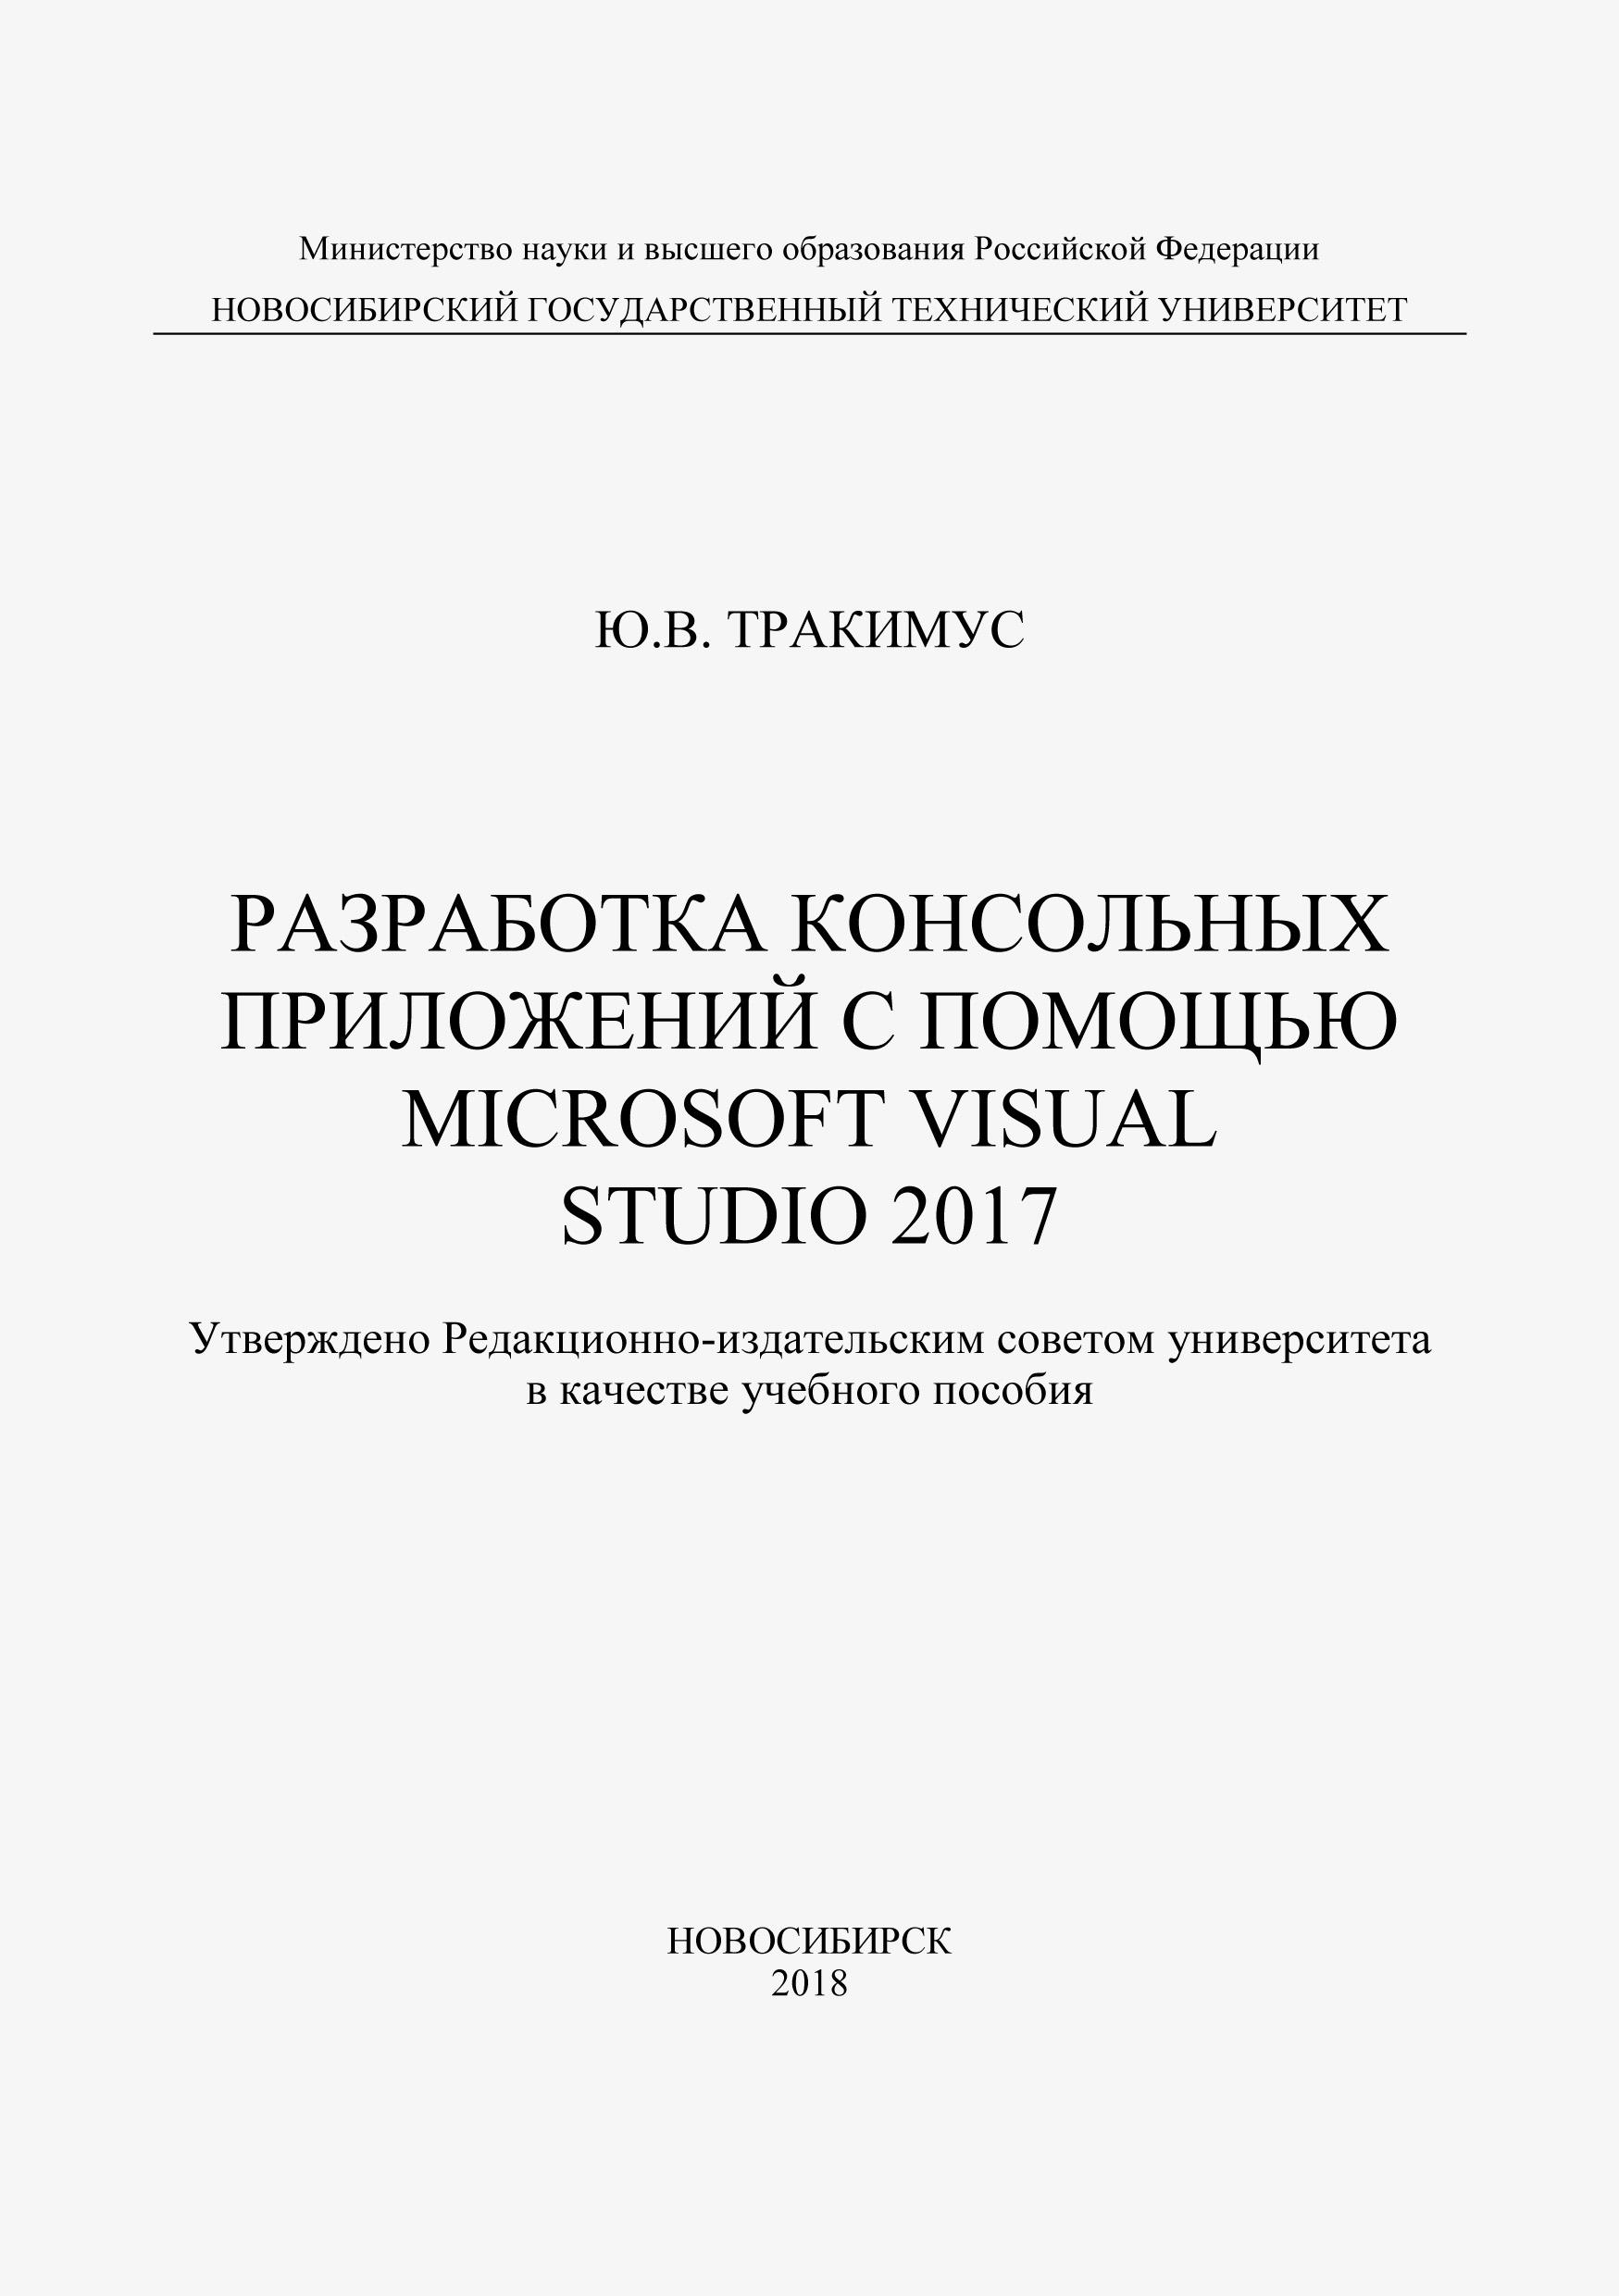 Юрий Тракимус Разработка консольных приложений с помощью Microsoft Visual Studio 2017 тихомиров юрий мешков александр visual c и mfc